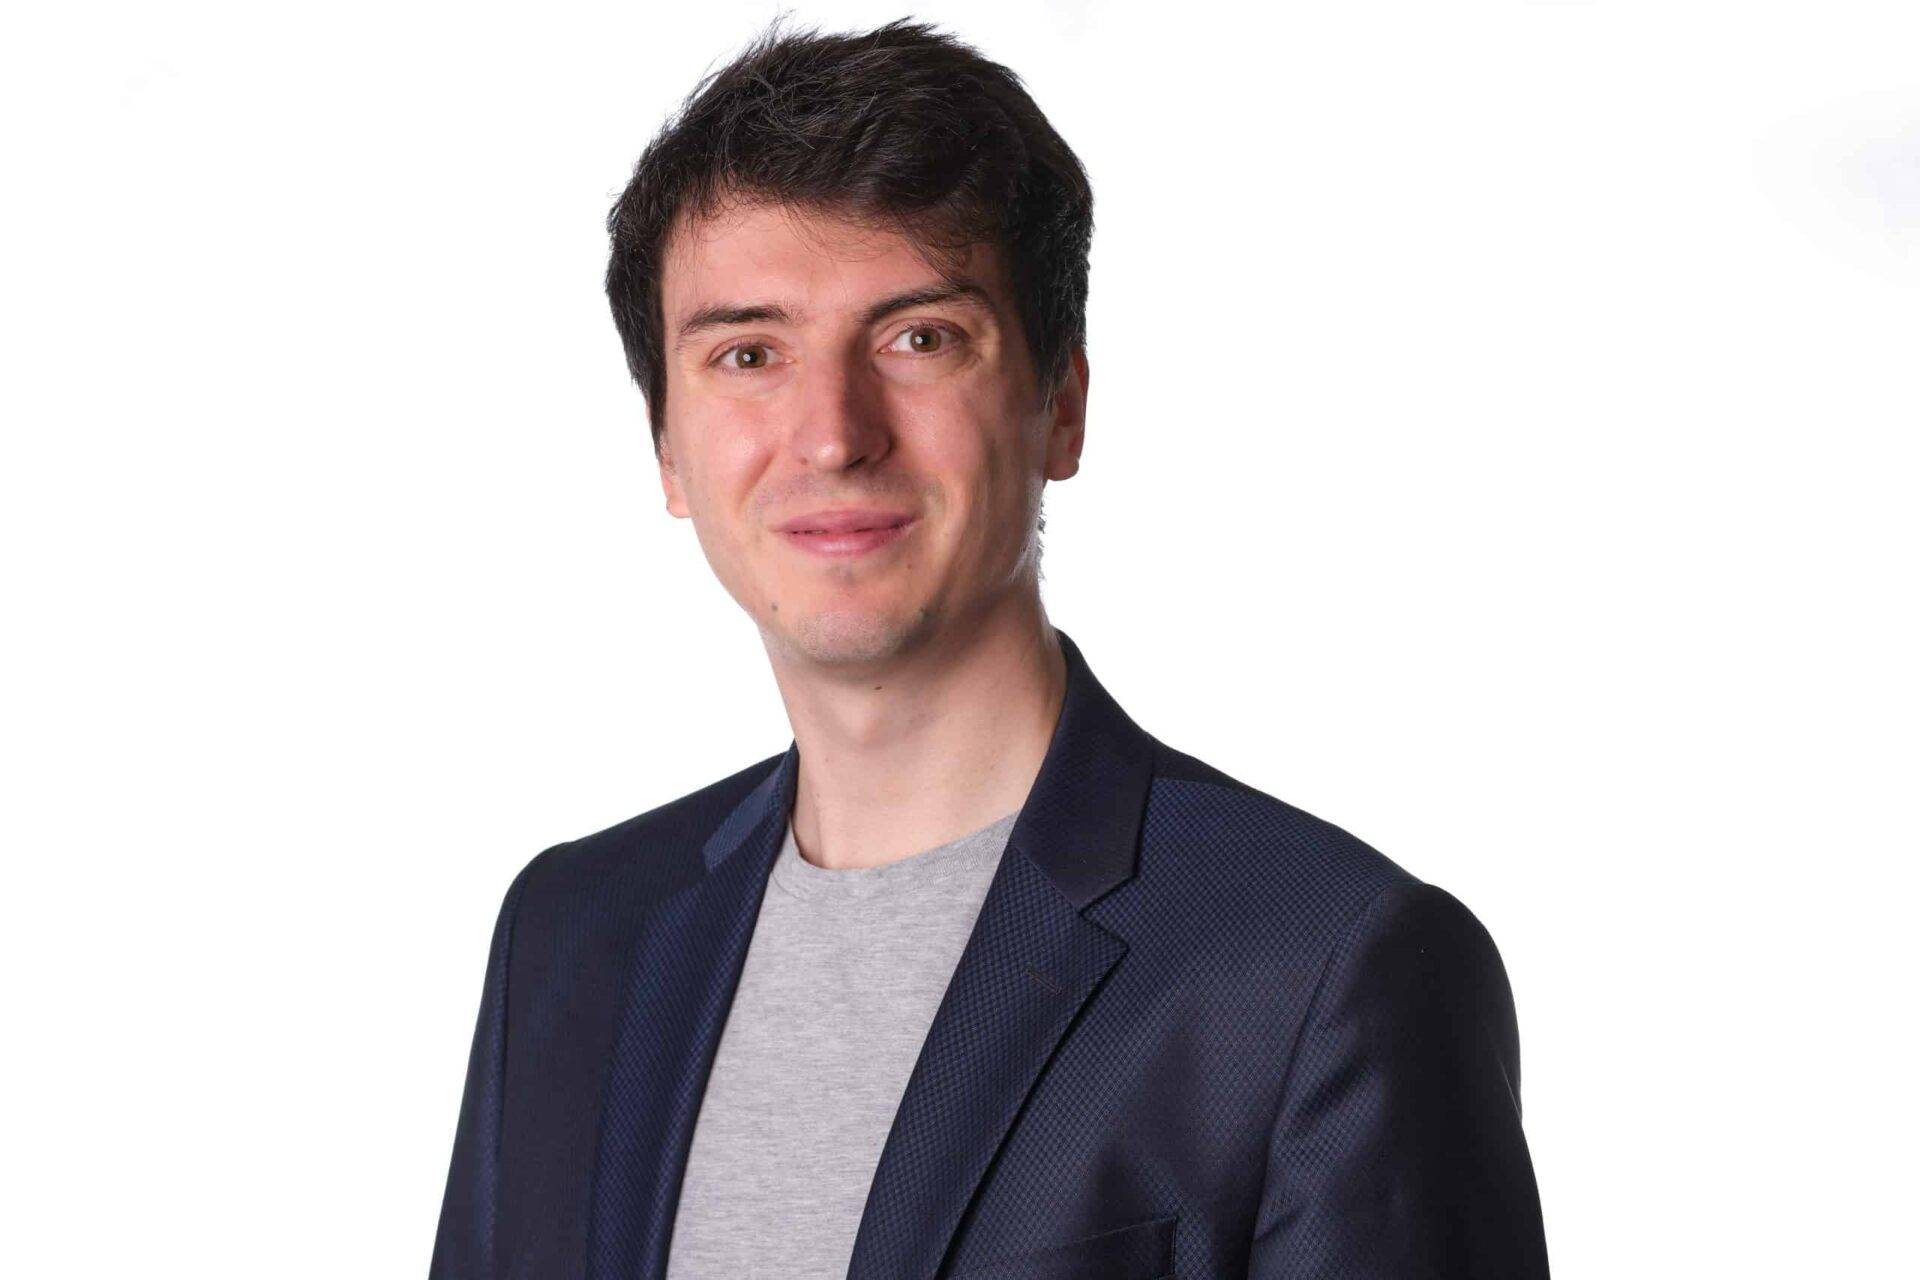 Porät Peter Scheitz - Marketing bei ProSpiro Intensivplfege